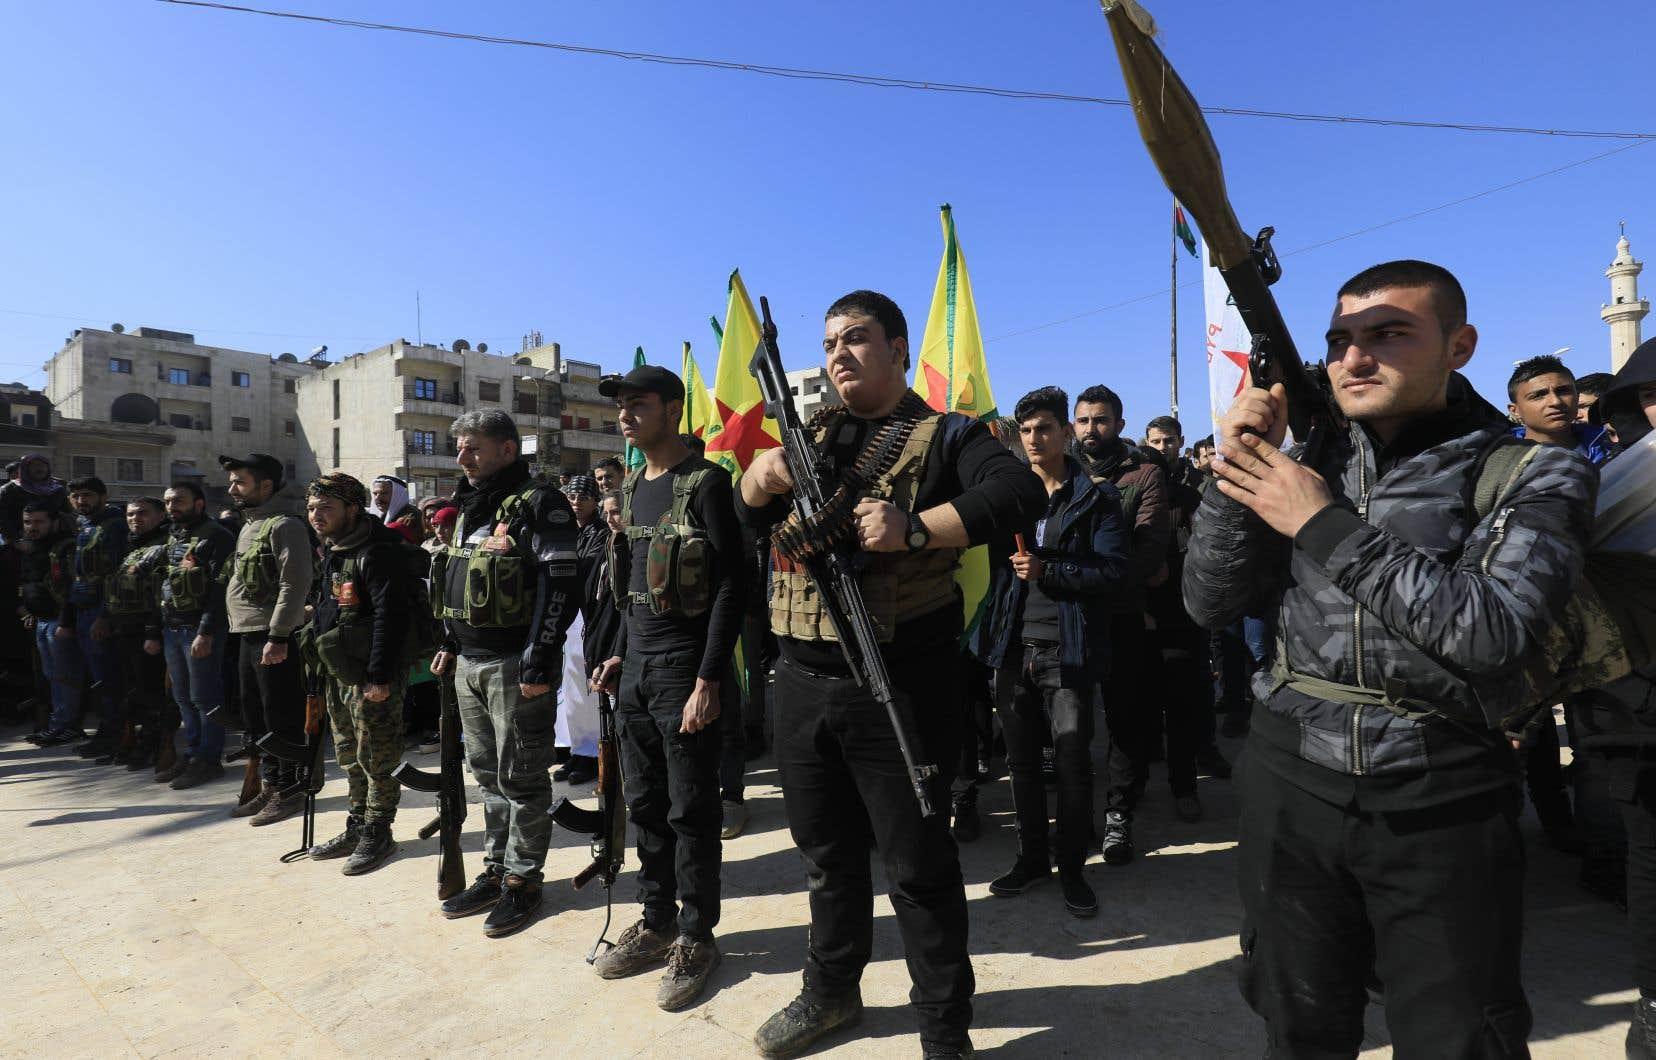 Des Kurdes syriens assistent à un défilé impromptu à Afrine, alors que les civils s'enrôlent pour combattre les troupes turques et les rebelles alliés contre les Unités de protection du peuple kurdes (YPG) dans la région frontalière de la Syrie, le 28 janvier 2018.